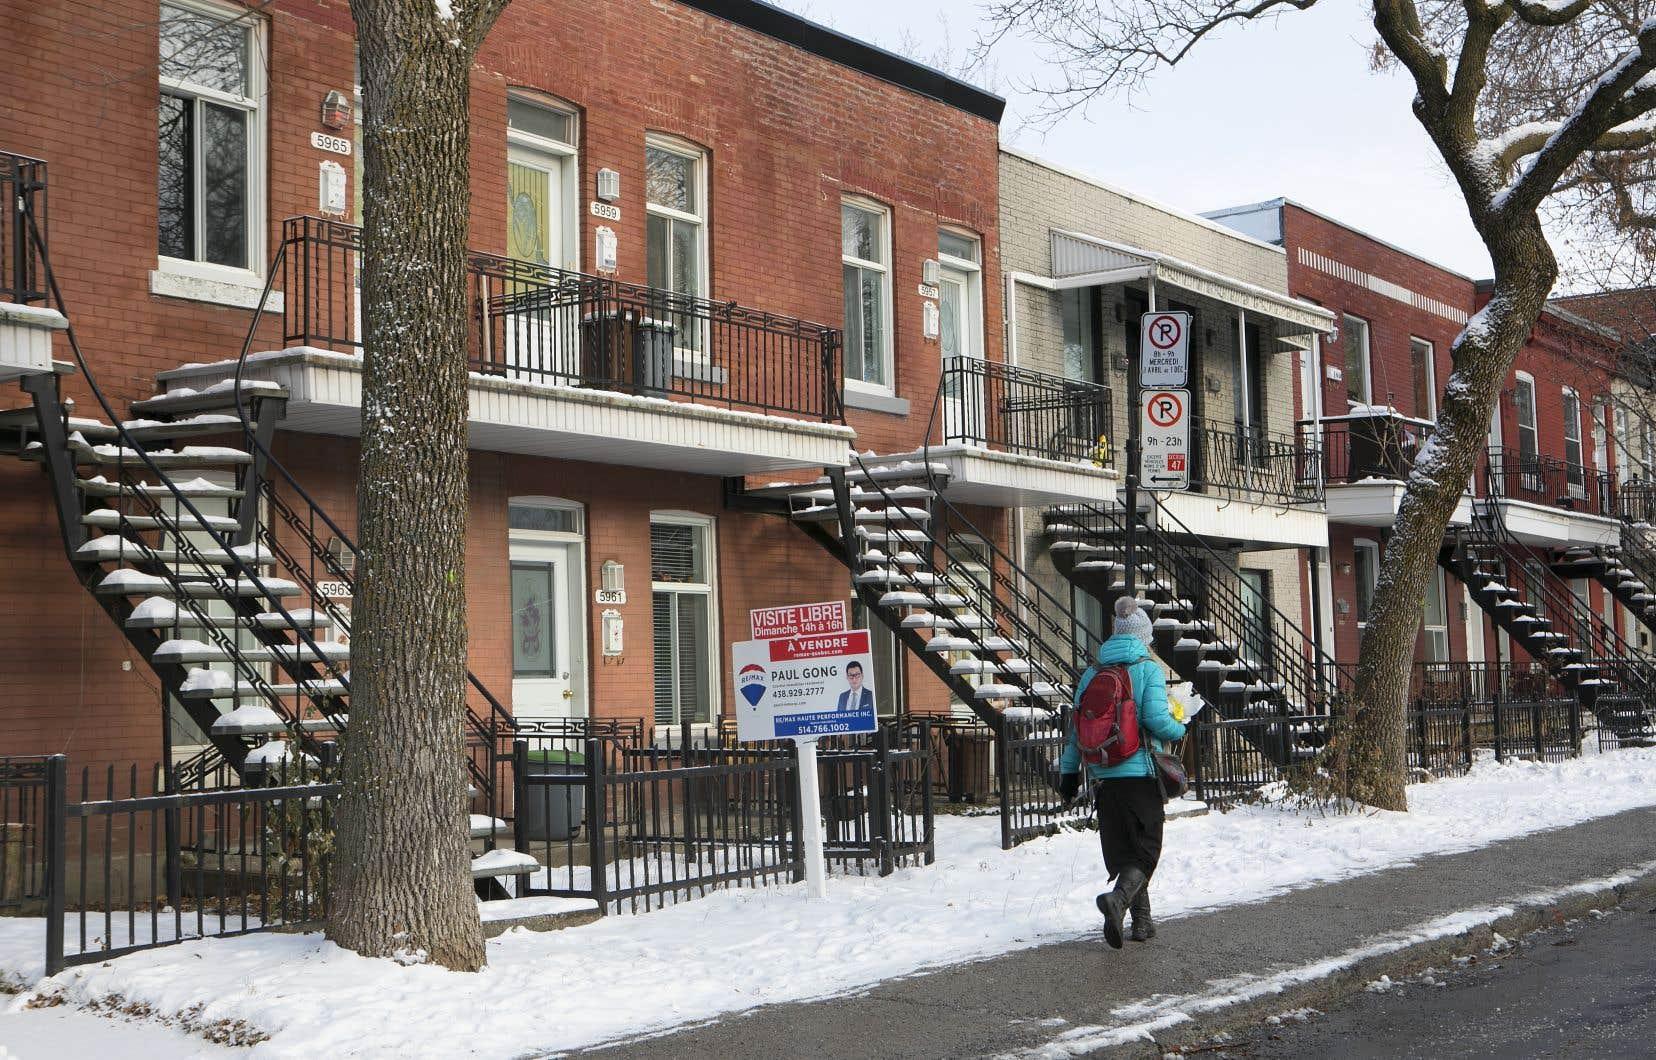 Si l'on considère que le logement convenable est un droit, les États doivent légiférer et les villes doivent se doter d'une stratégie foncière et imposer des quotas de logements sociaux, familiaux et abordables.